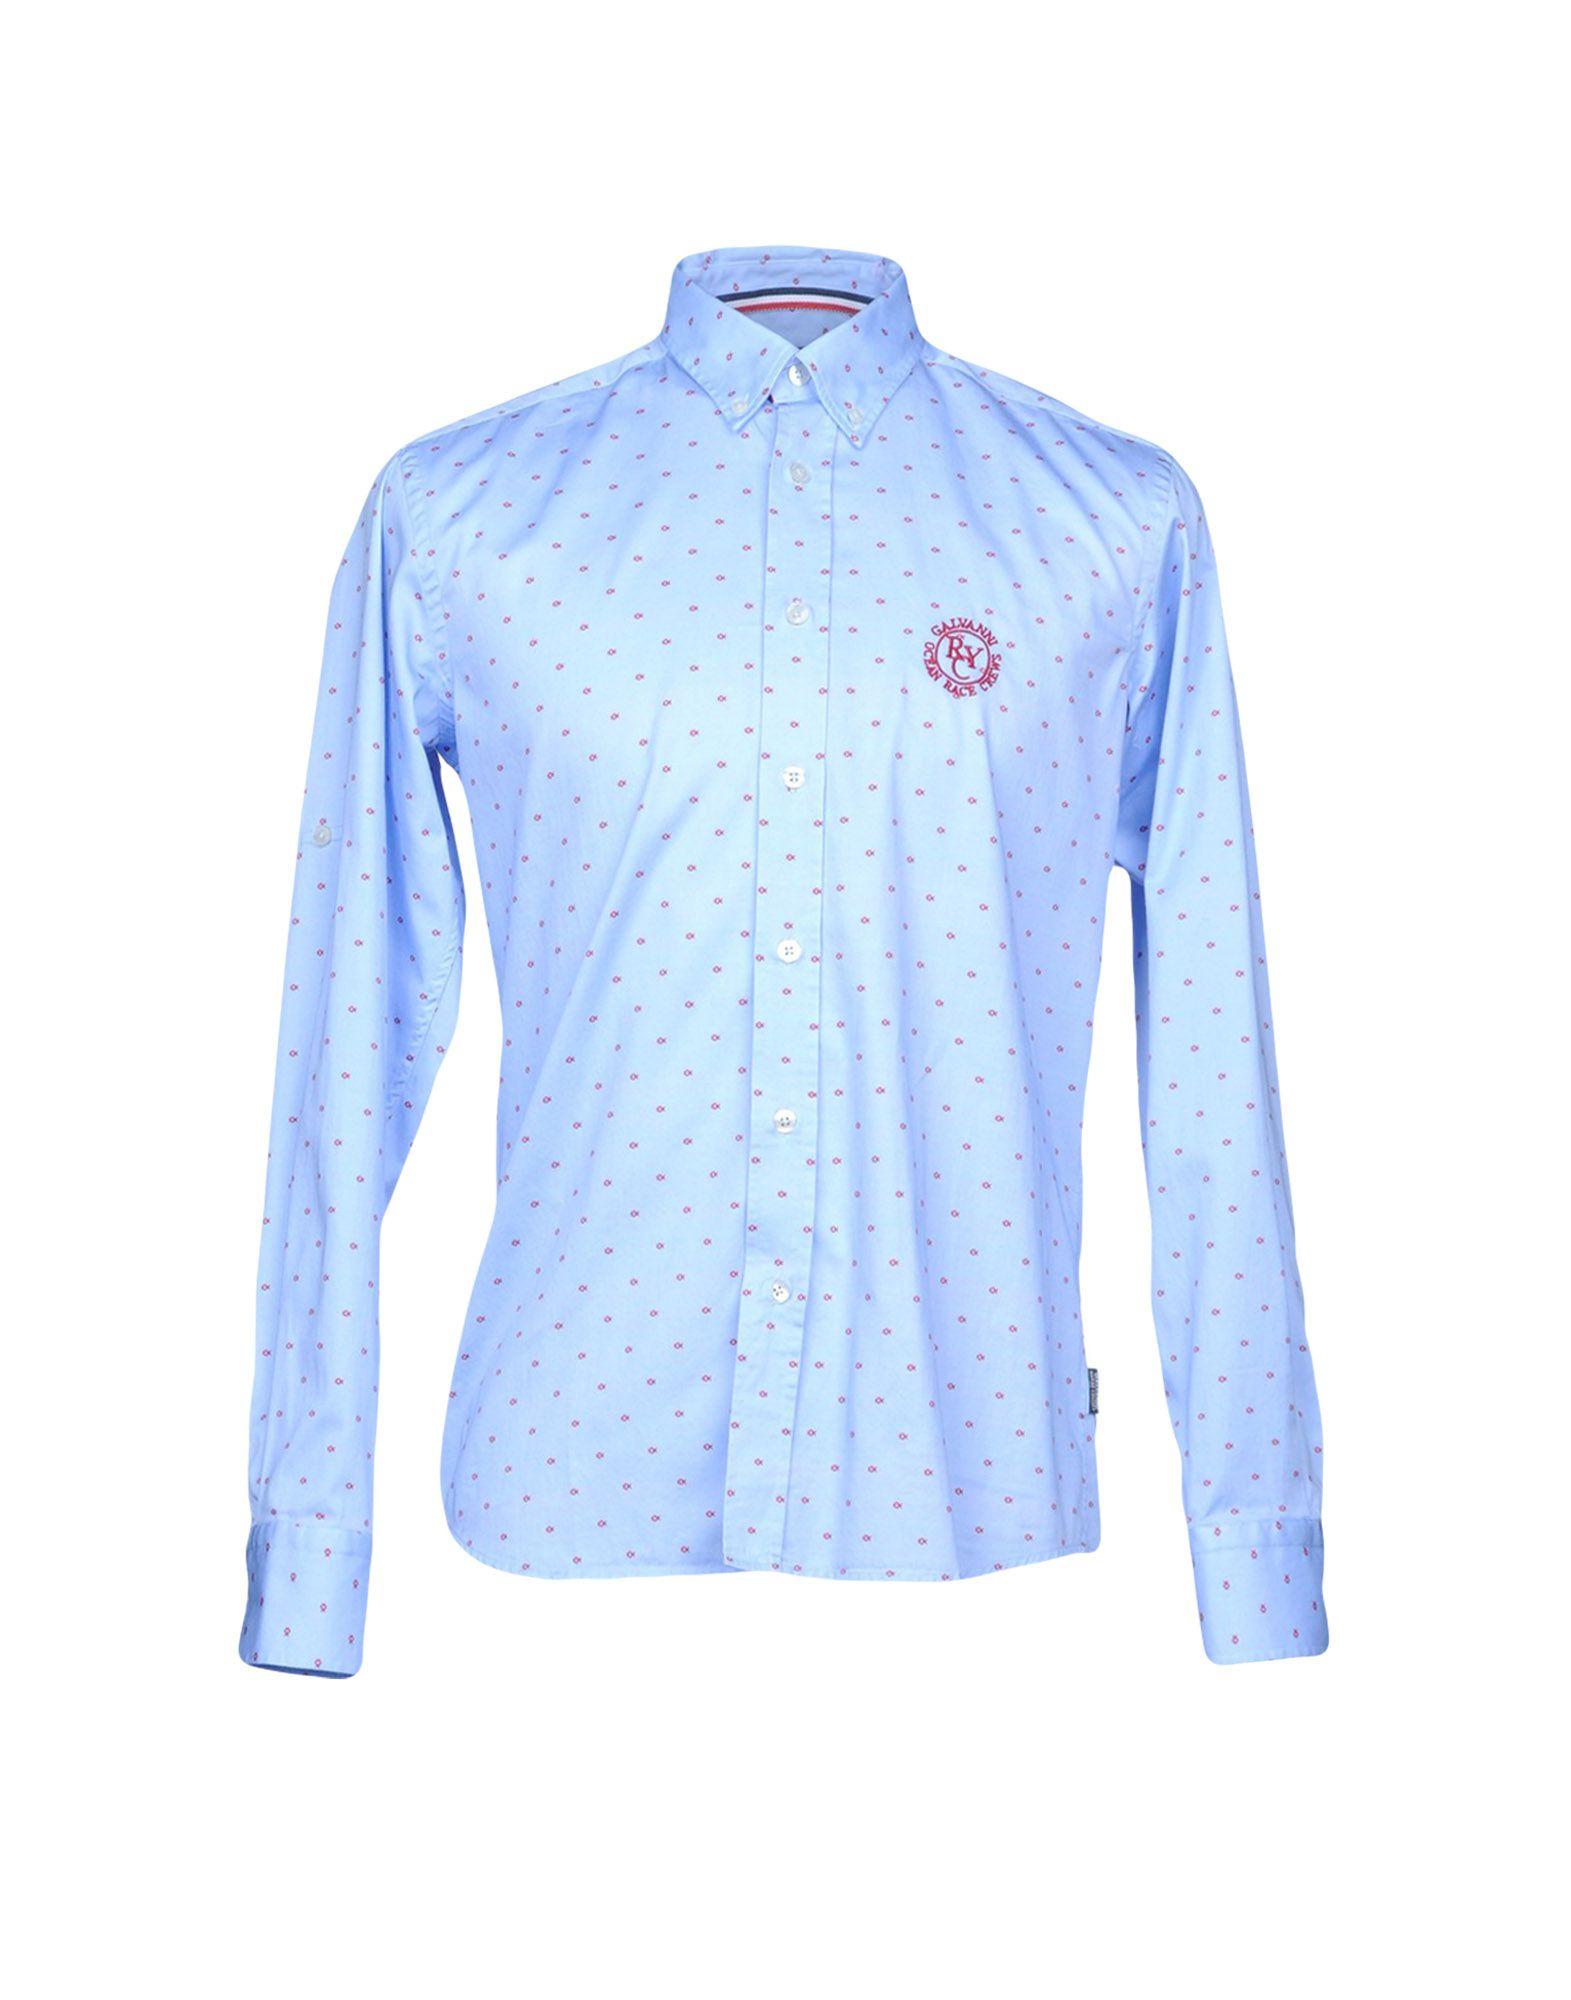 GALVANNI Pубашка рубашка galvanni galvanni ga024emzcp50